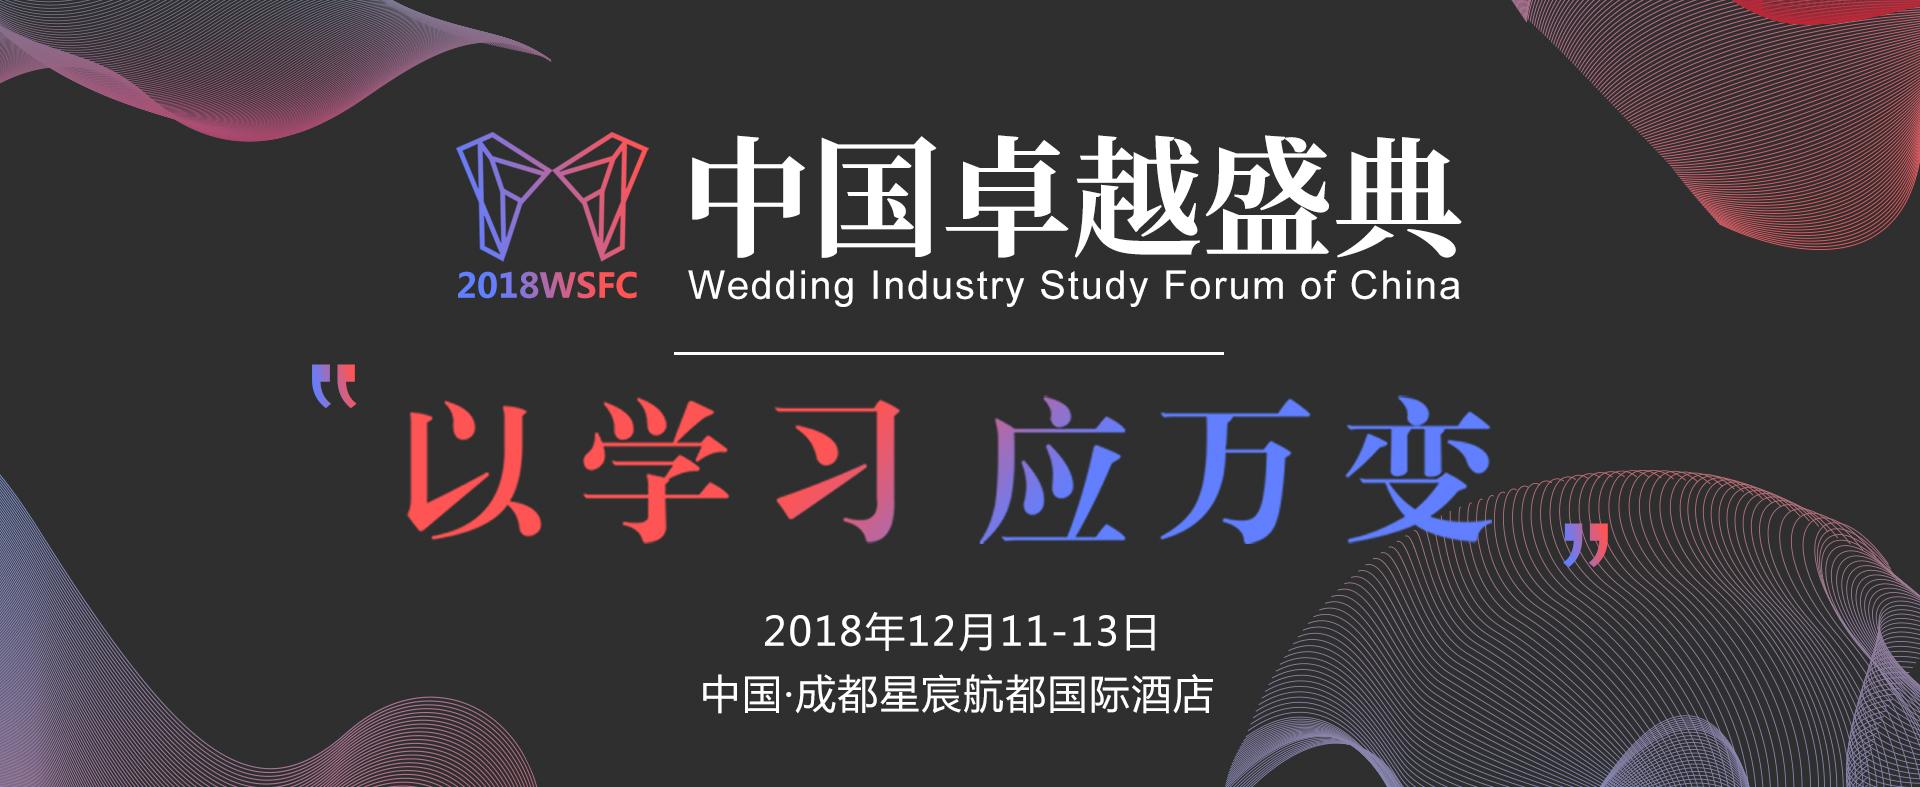 [新]2018WSFC 『第三届中国卓越盛典』—中国婚礼行业务实型行业盛会!